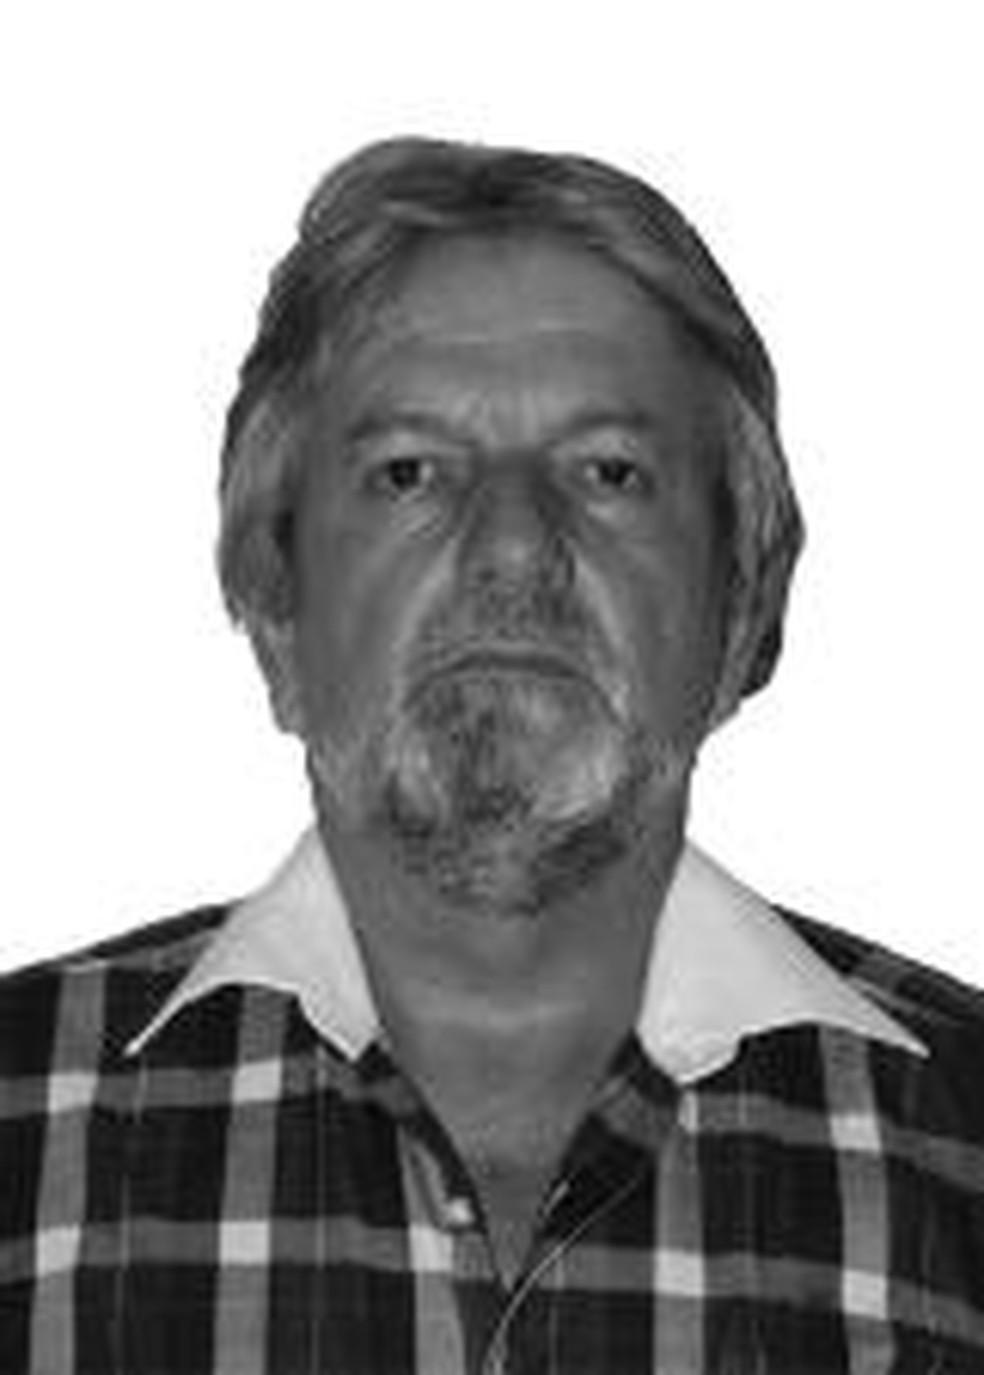 Carlos Ruso, prefeito de Ladário (MS) foi preso em operação do Gaeco nesta segunda-feira (26) — Foto: TSE/Reprodução